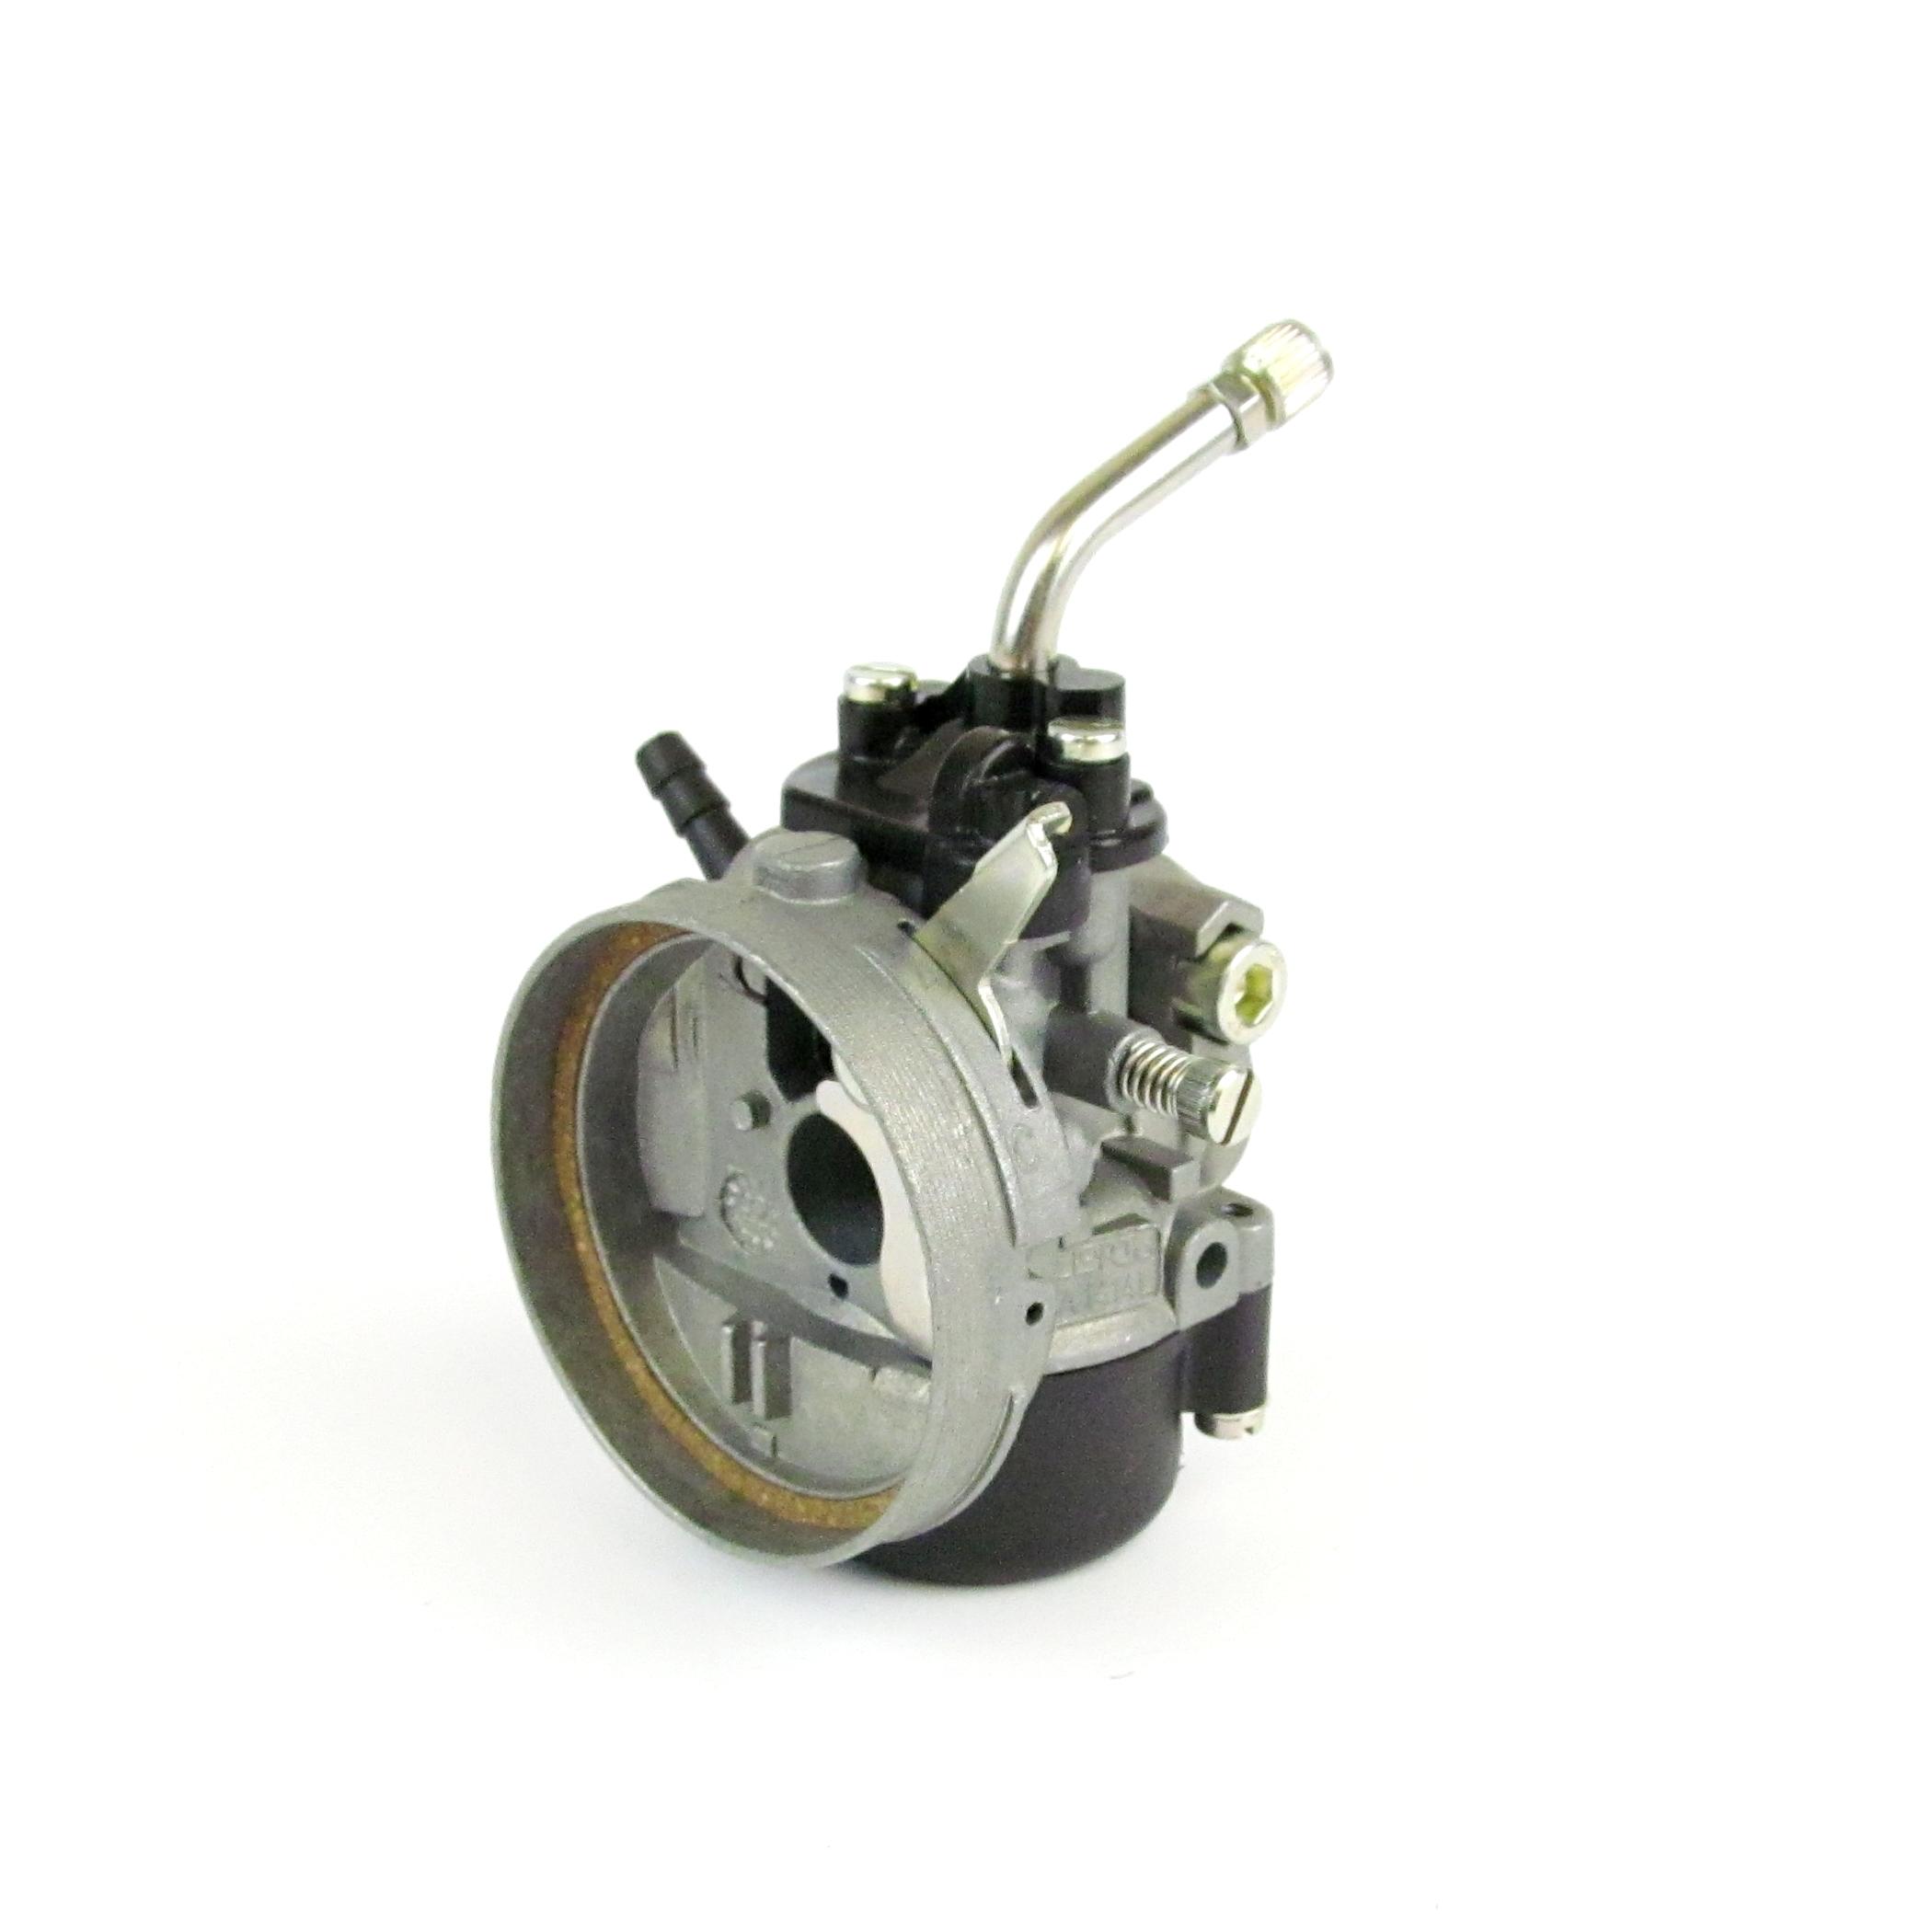 DELLORTO SHA14.14L КАРБ QT50 / MINARELLI / TOMOS / MOTOBECANE / PUCH / MAXI